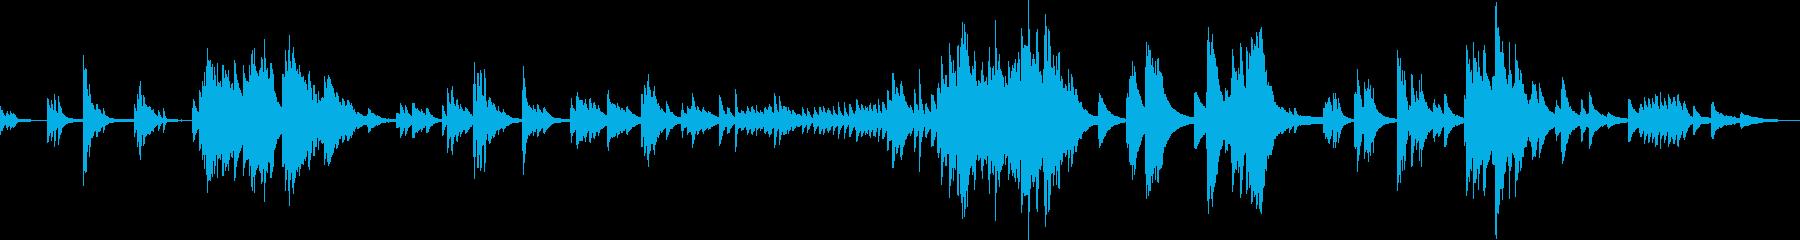 運命の螺旋(ピアノソロ・悲しい・切ない)の再生済みの波形